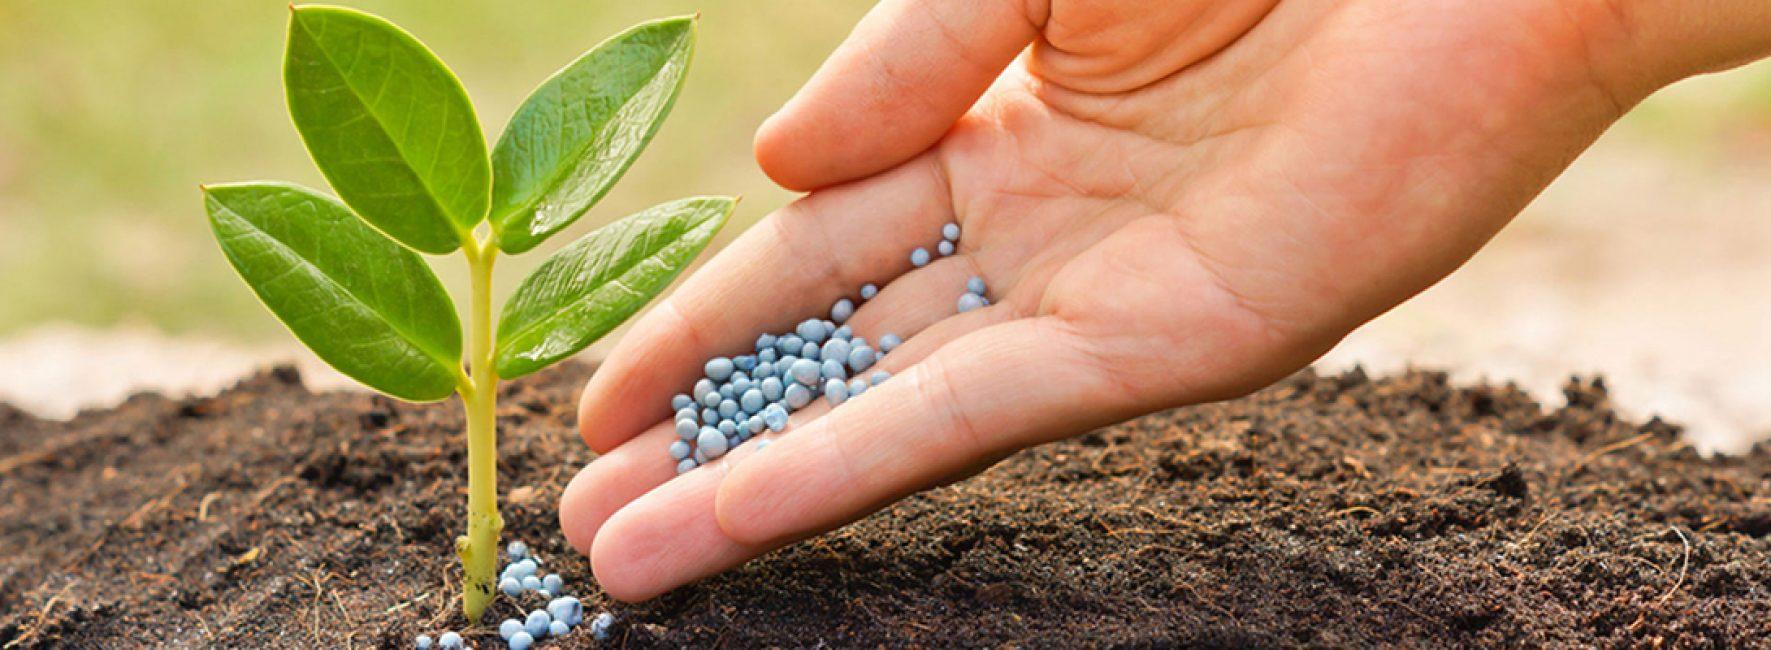 Подкормка растений необходимый процесс